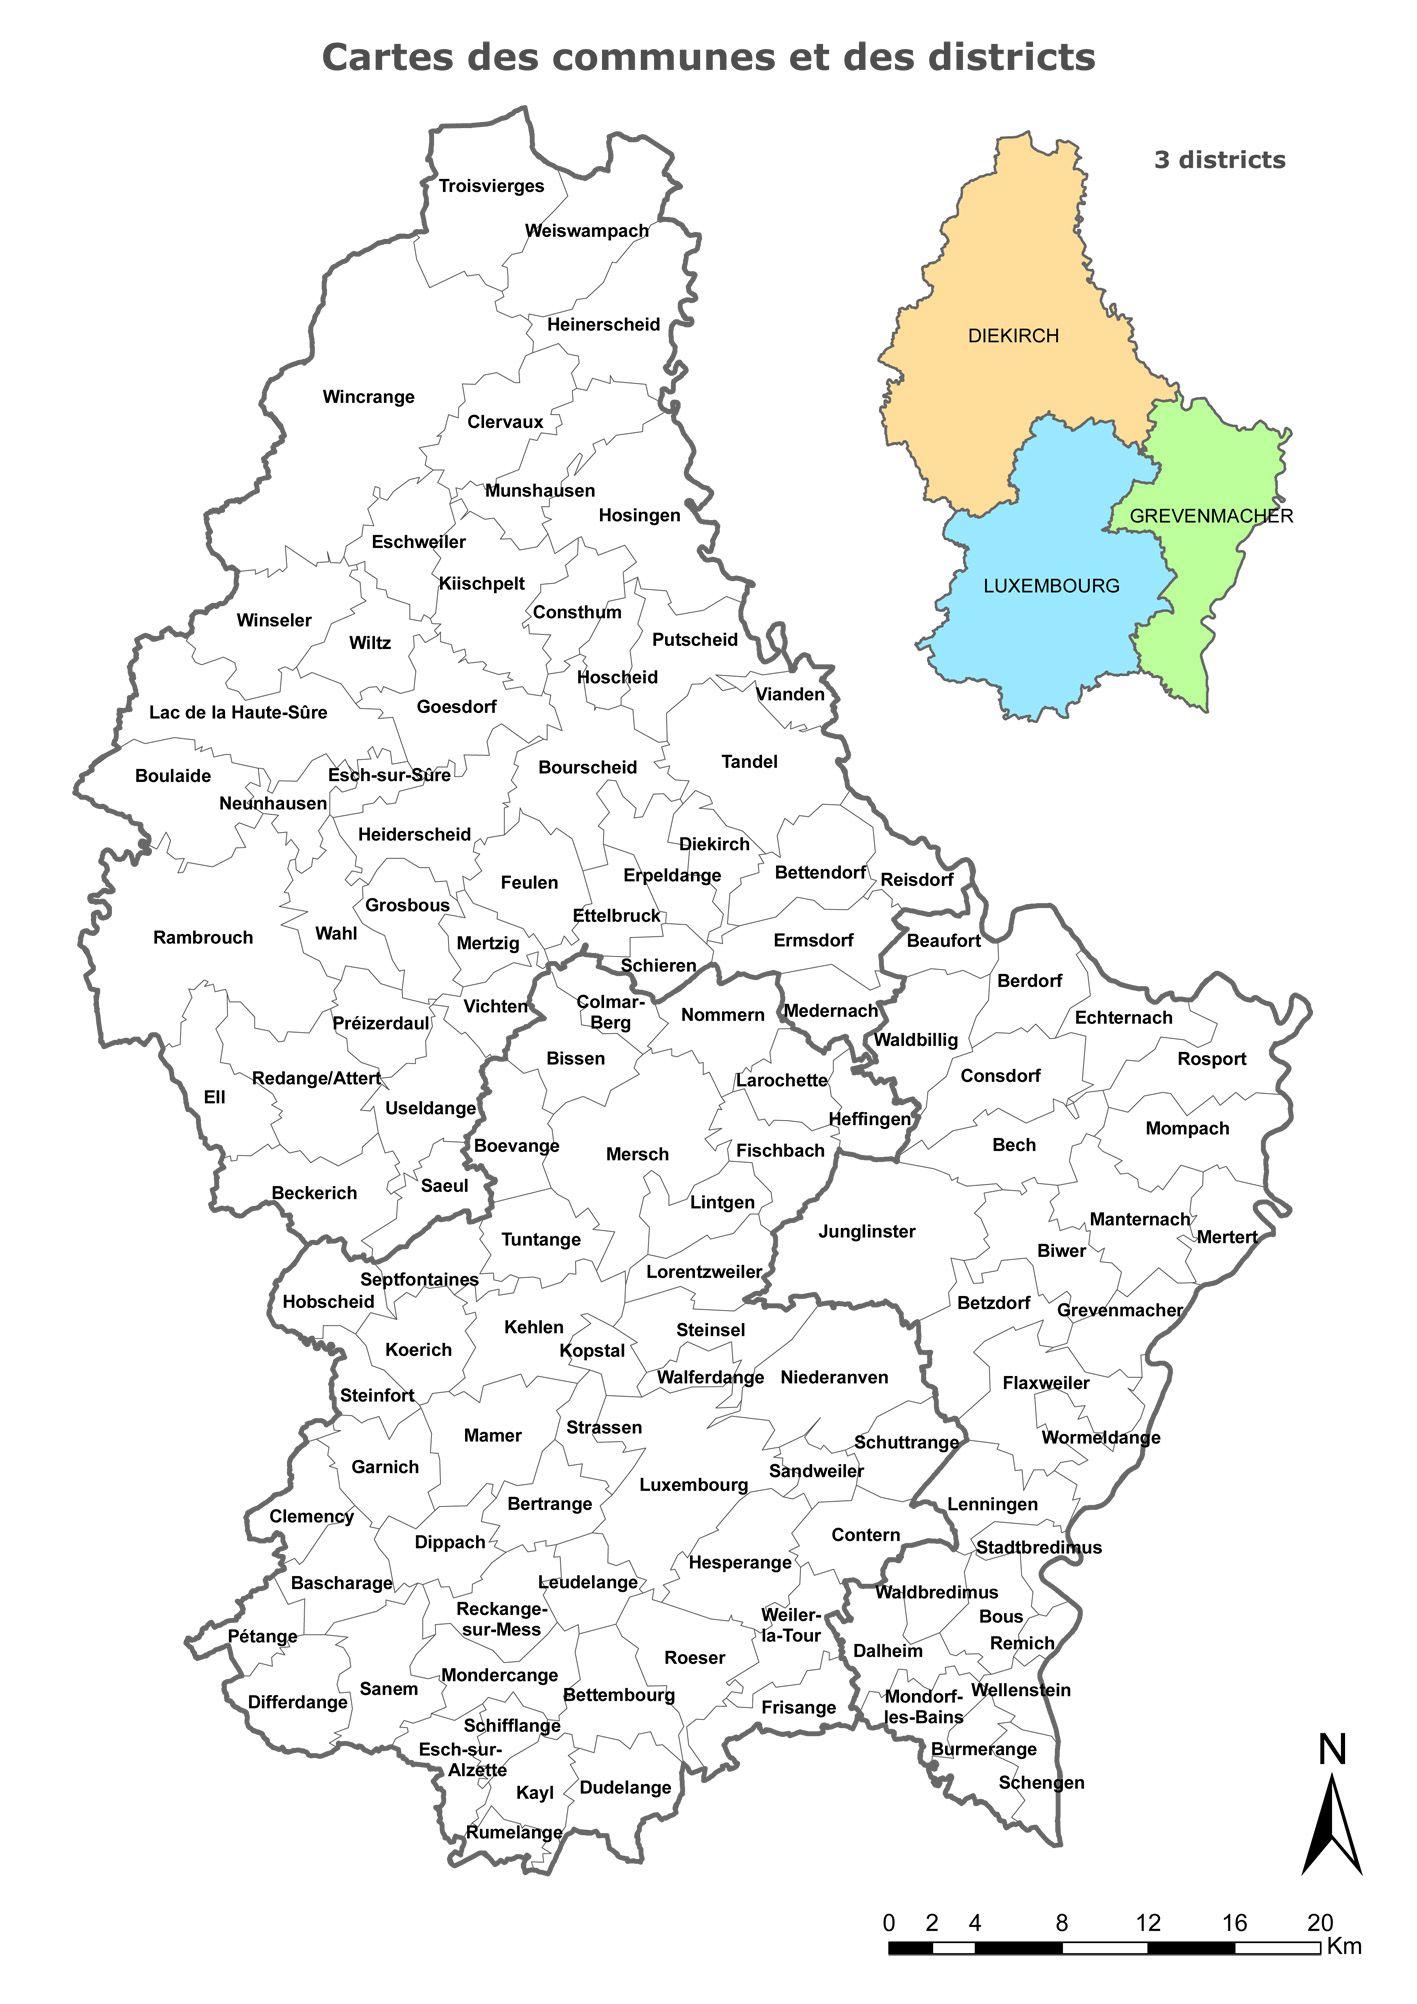 Carte des communes du Luxembourg